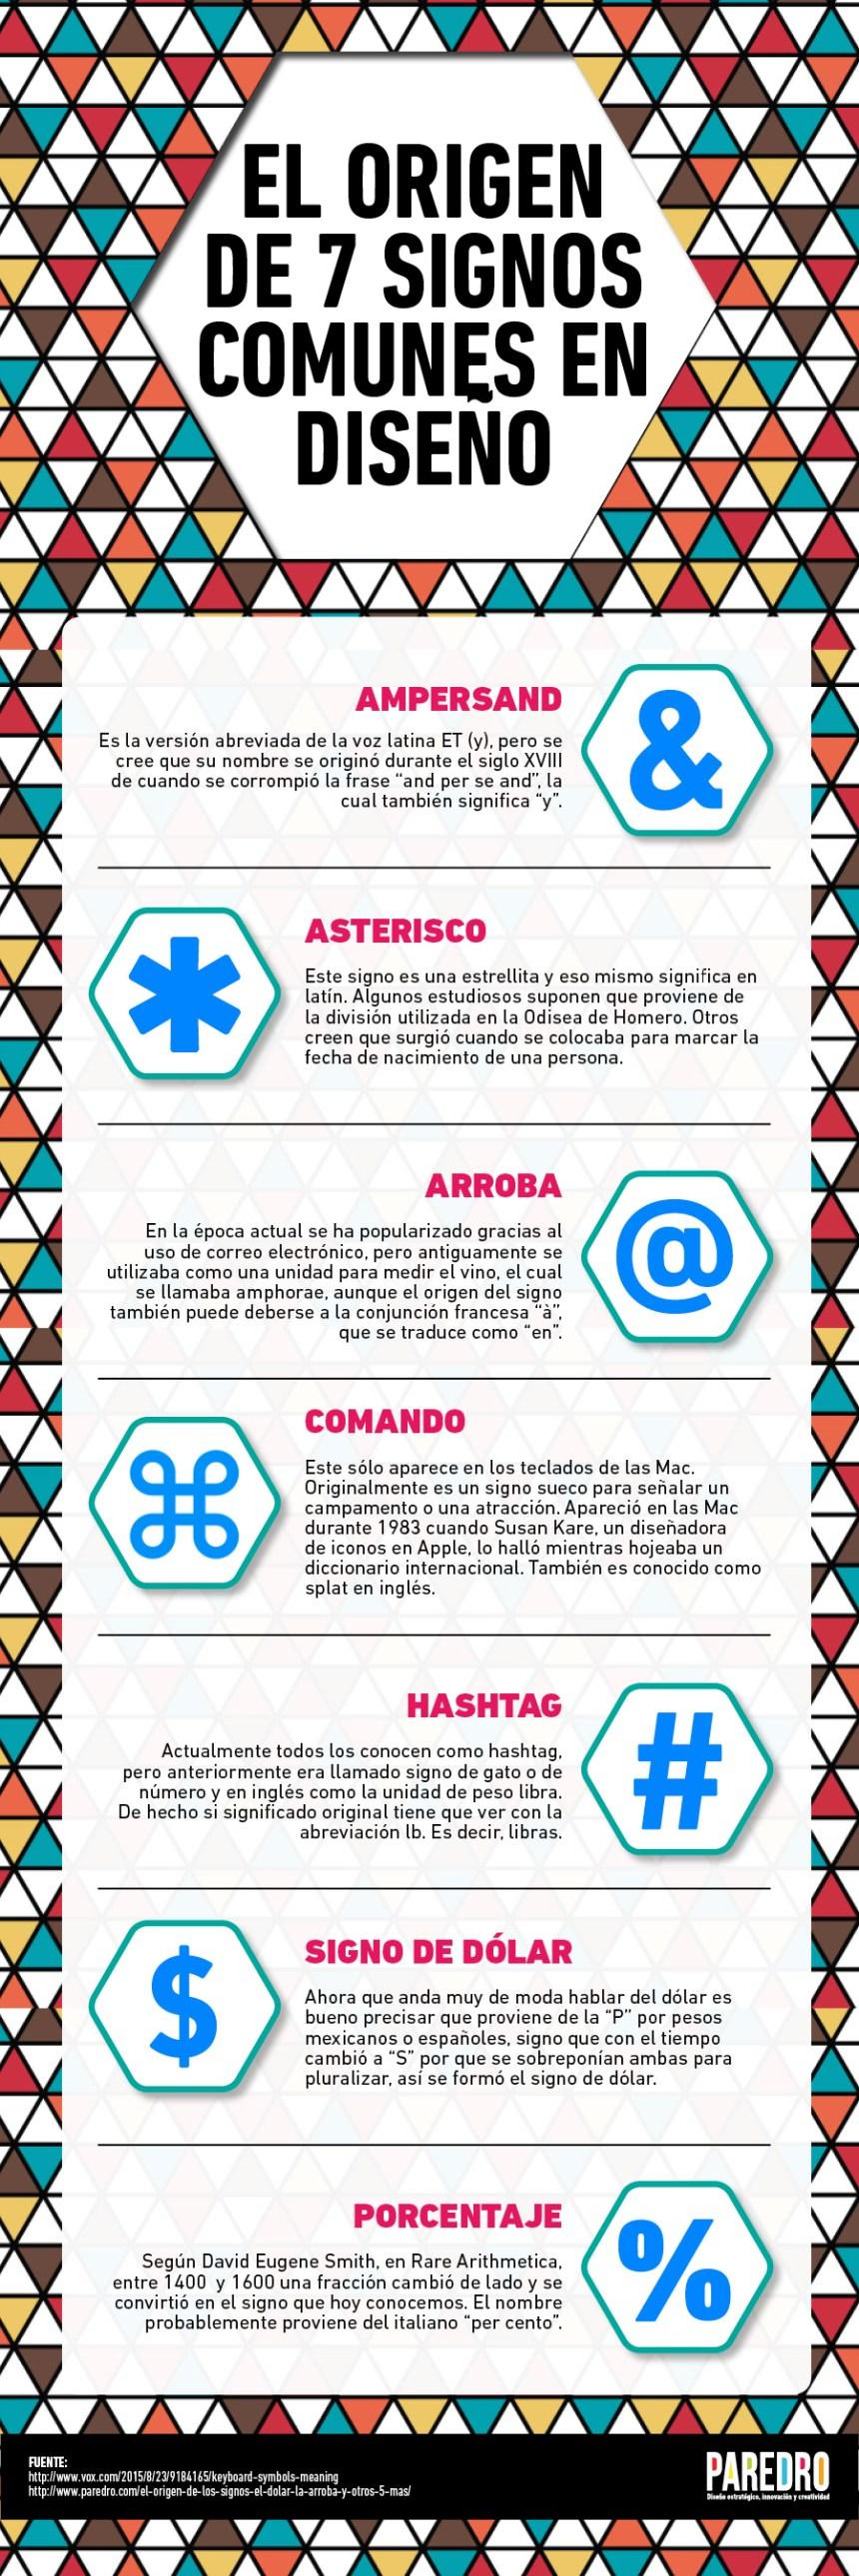 Origen de 7 signos comunes en Diseño